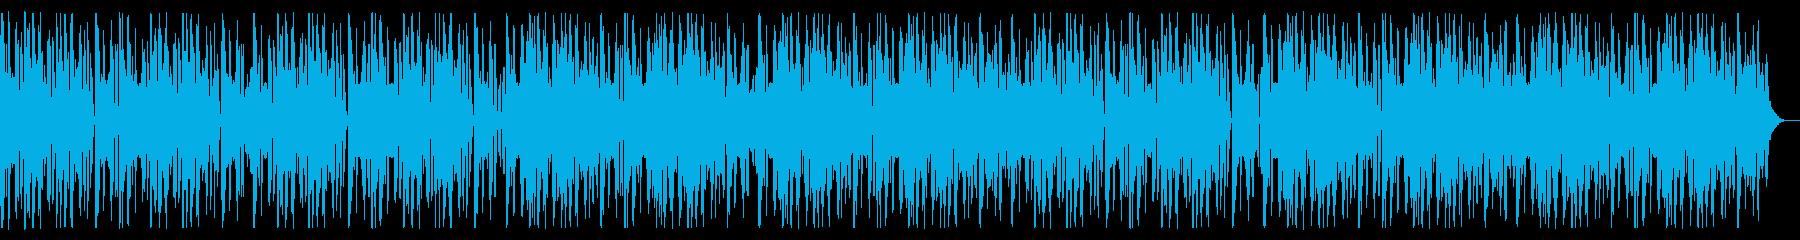 神秘的/サイケデリック_614_6の再生済みの波形